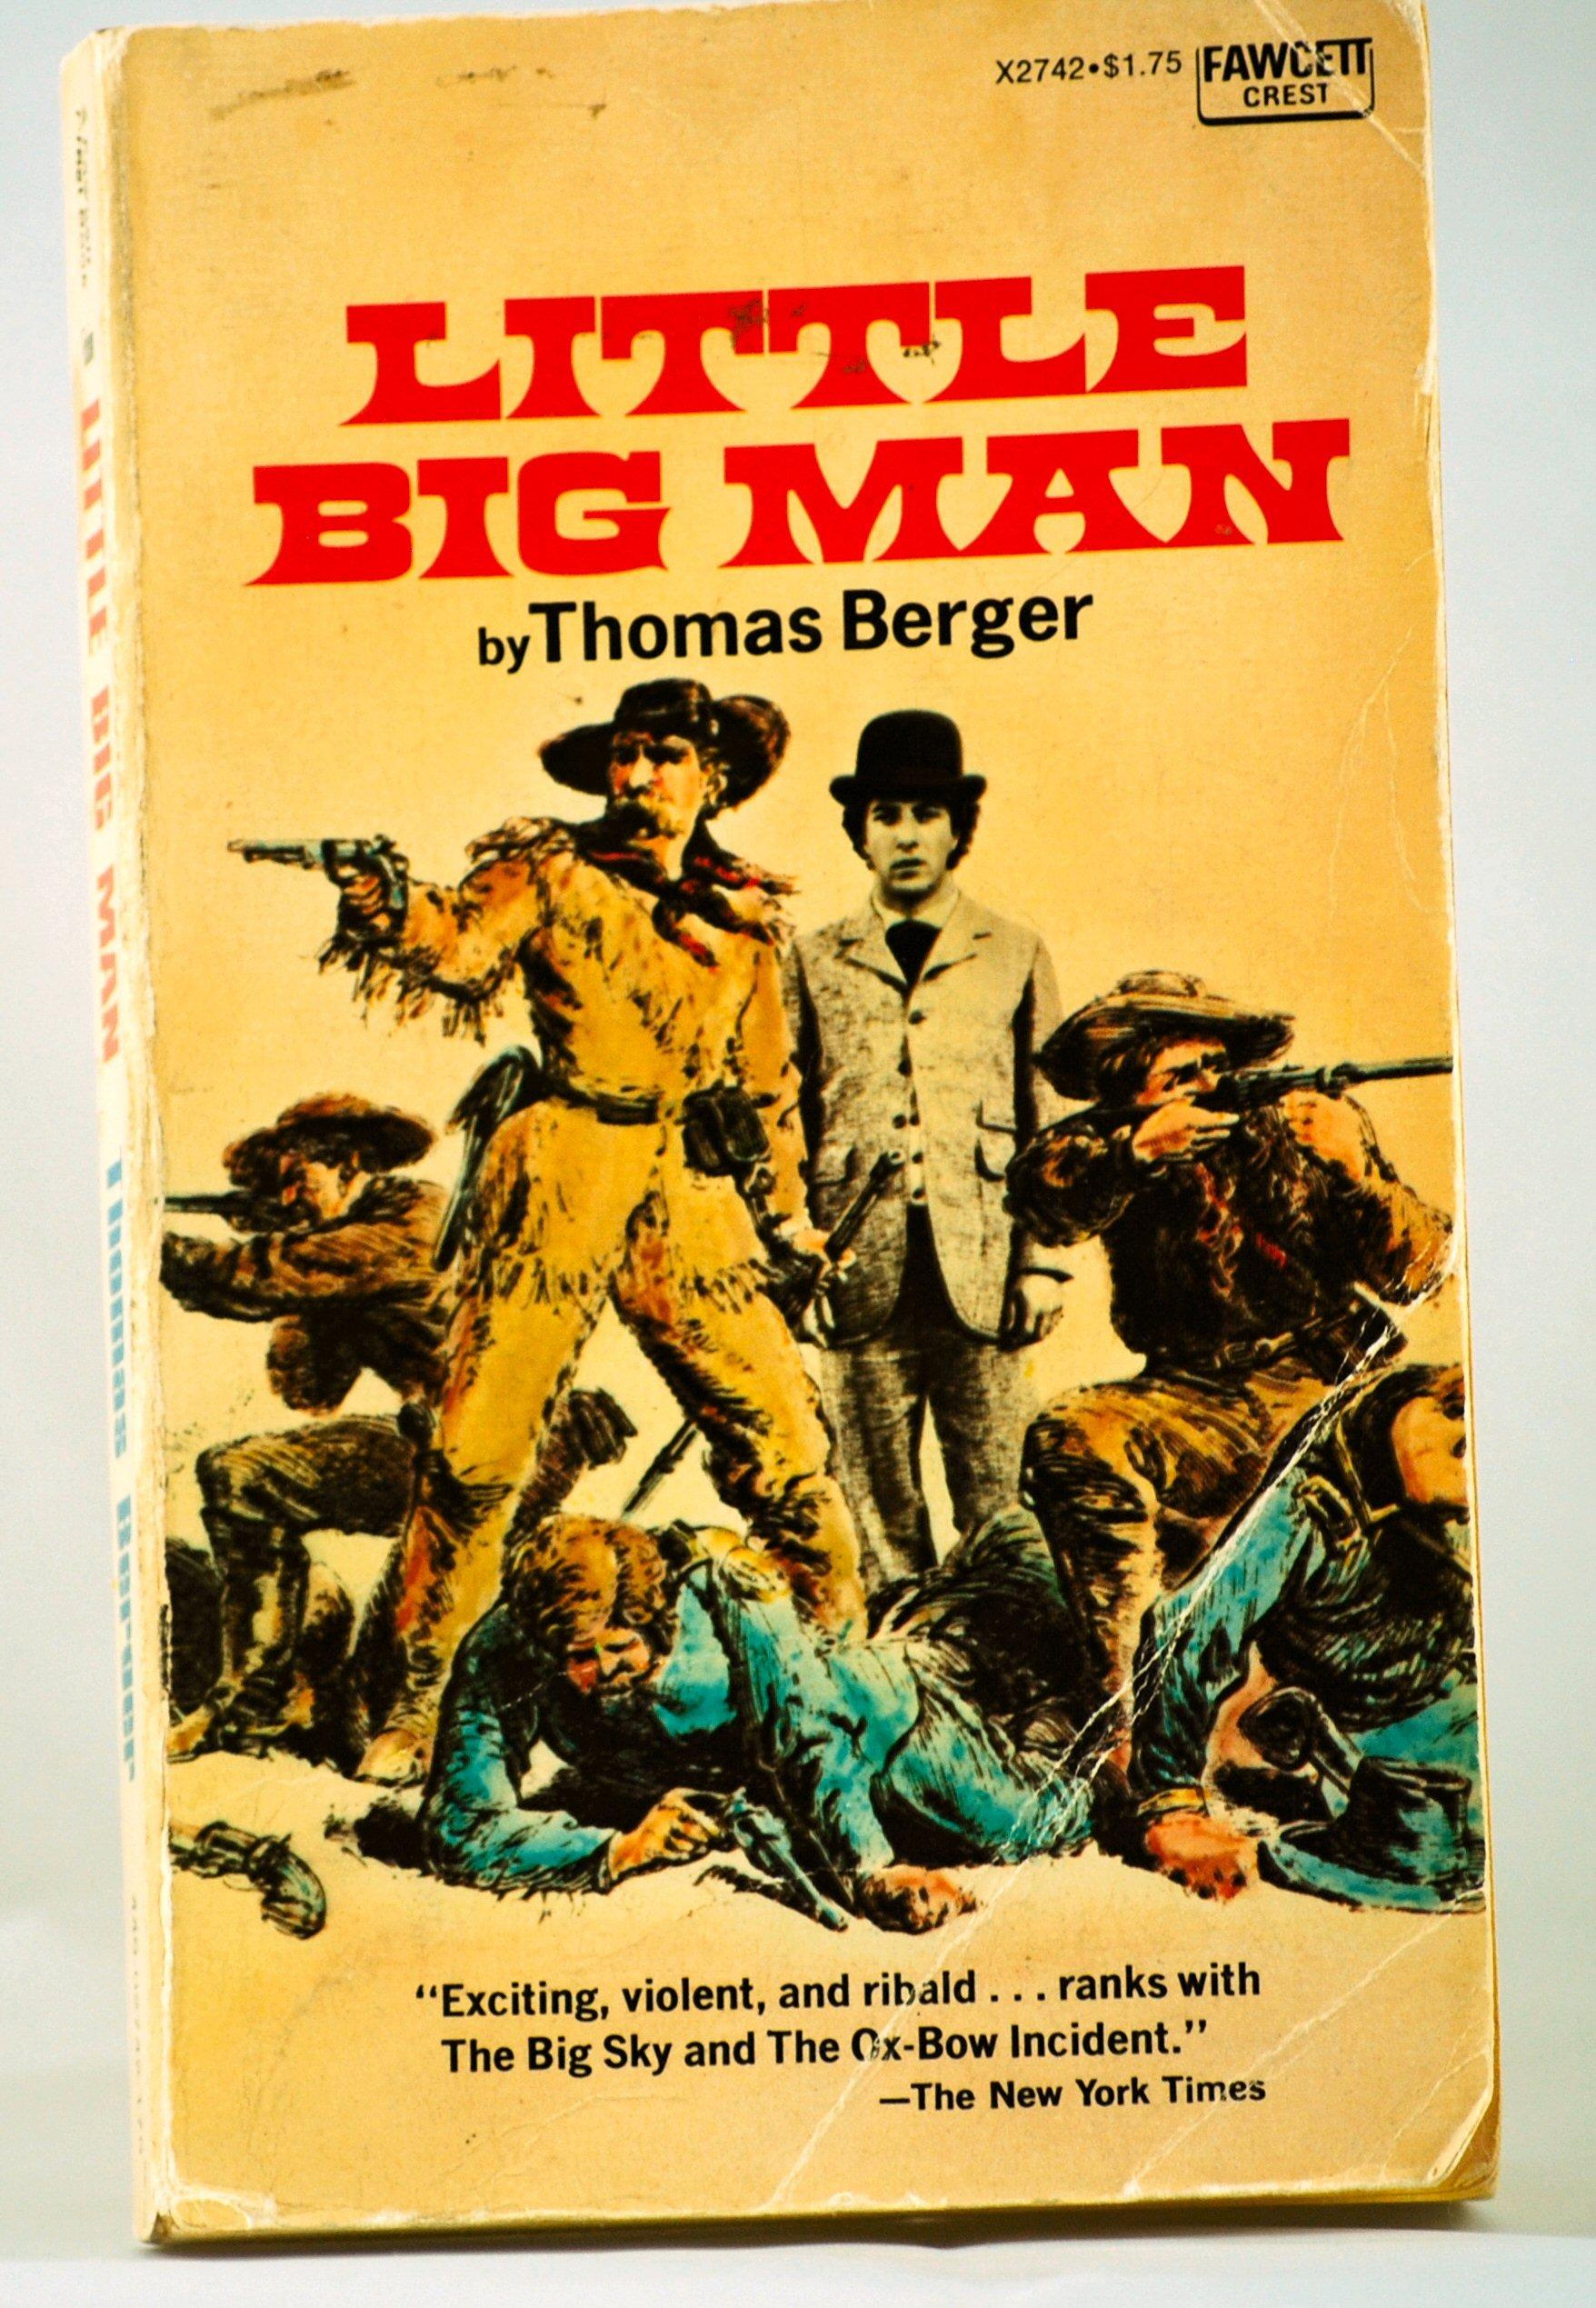 LITTLE BIG MAN (A Fawcett Crest Book), Berger, Thomas